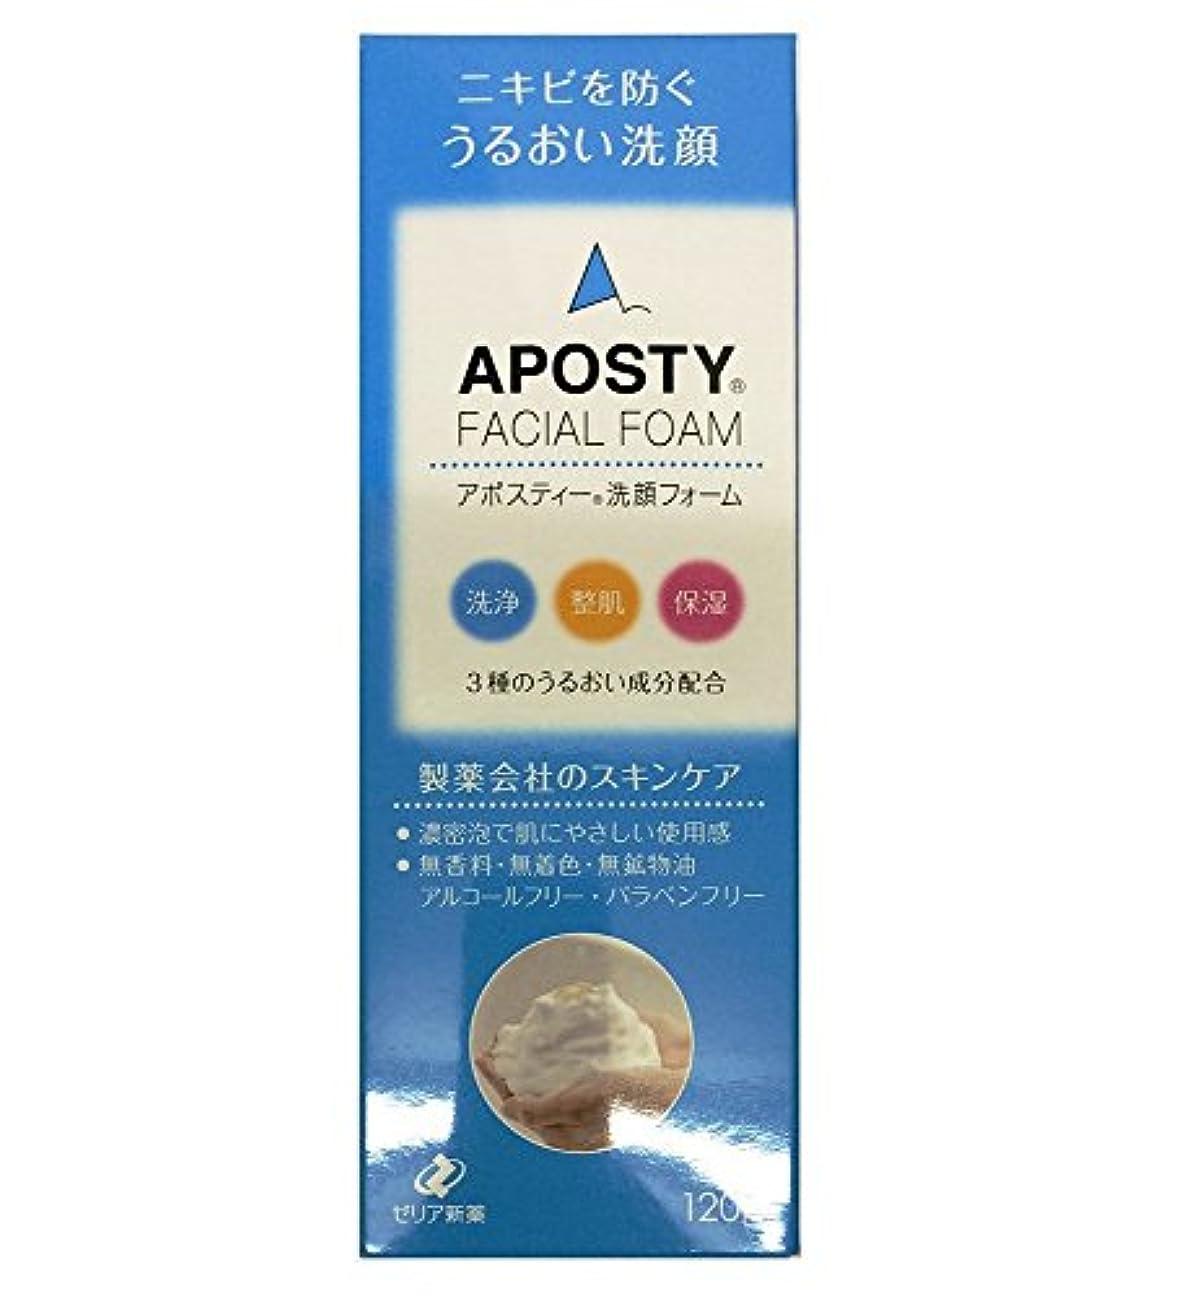 倍率新しい意味アレンジゼリア新薬工業 アポスティー 洗顔フォーム 120g